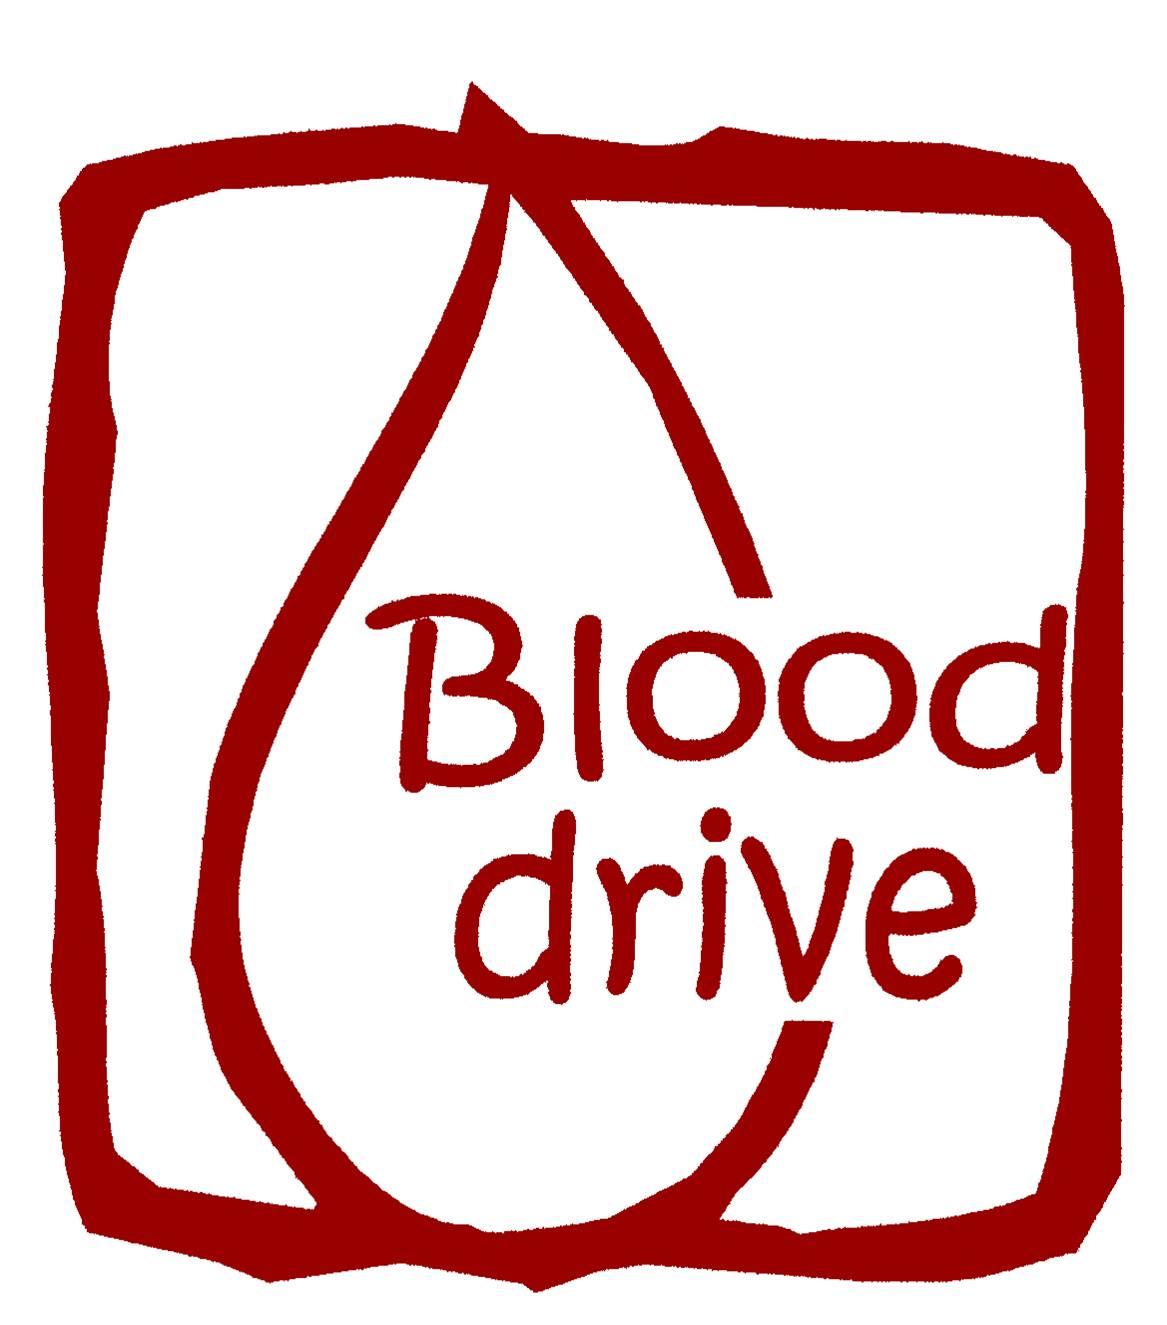 Blood Drive Images Clip Art-Blood drive images clip art-7